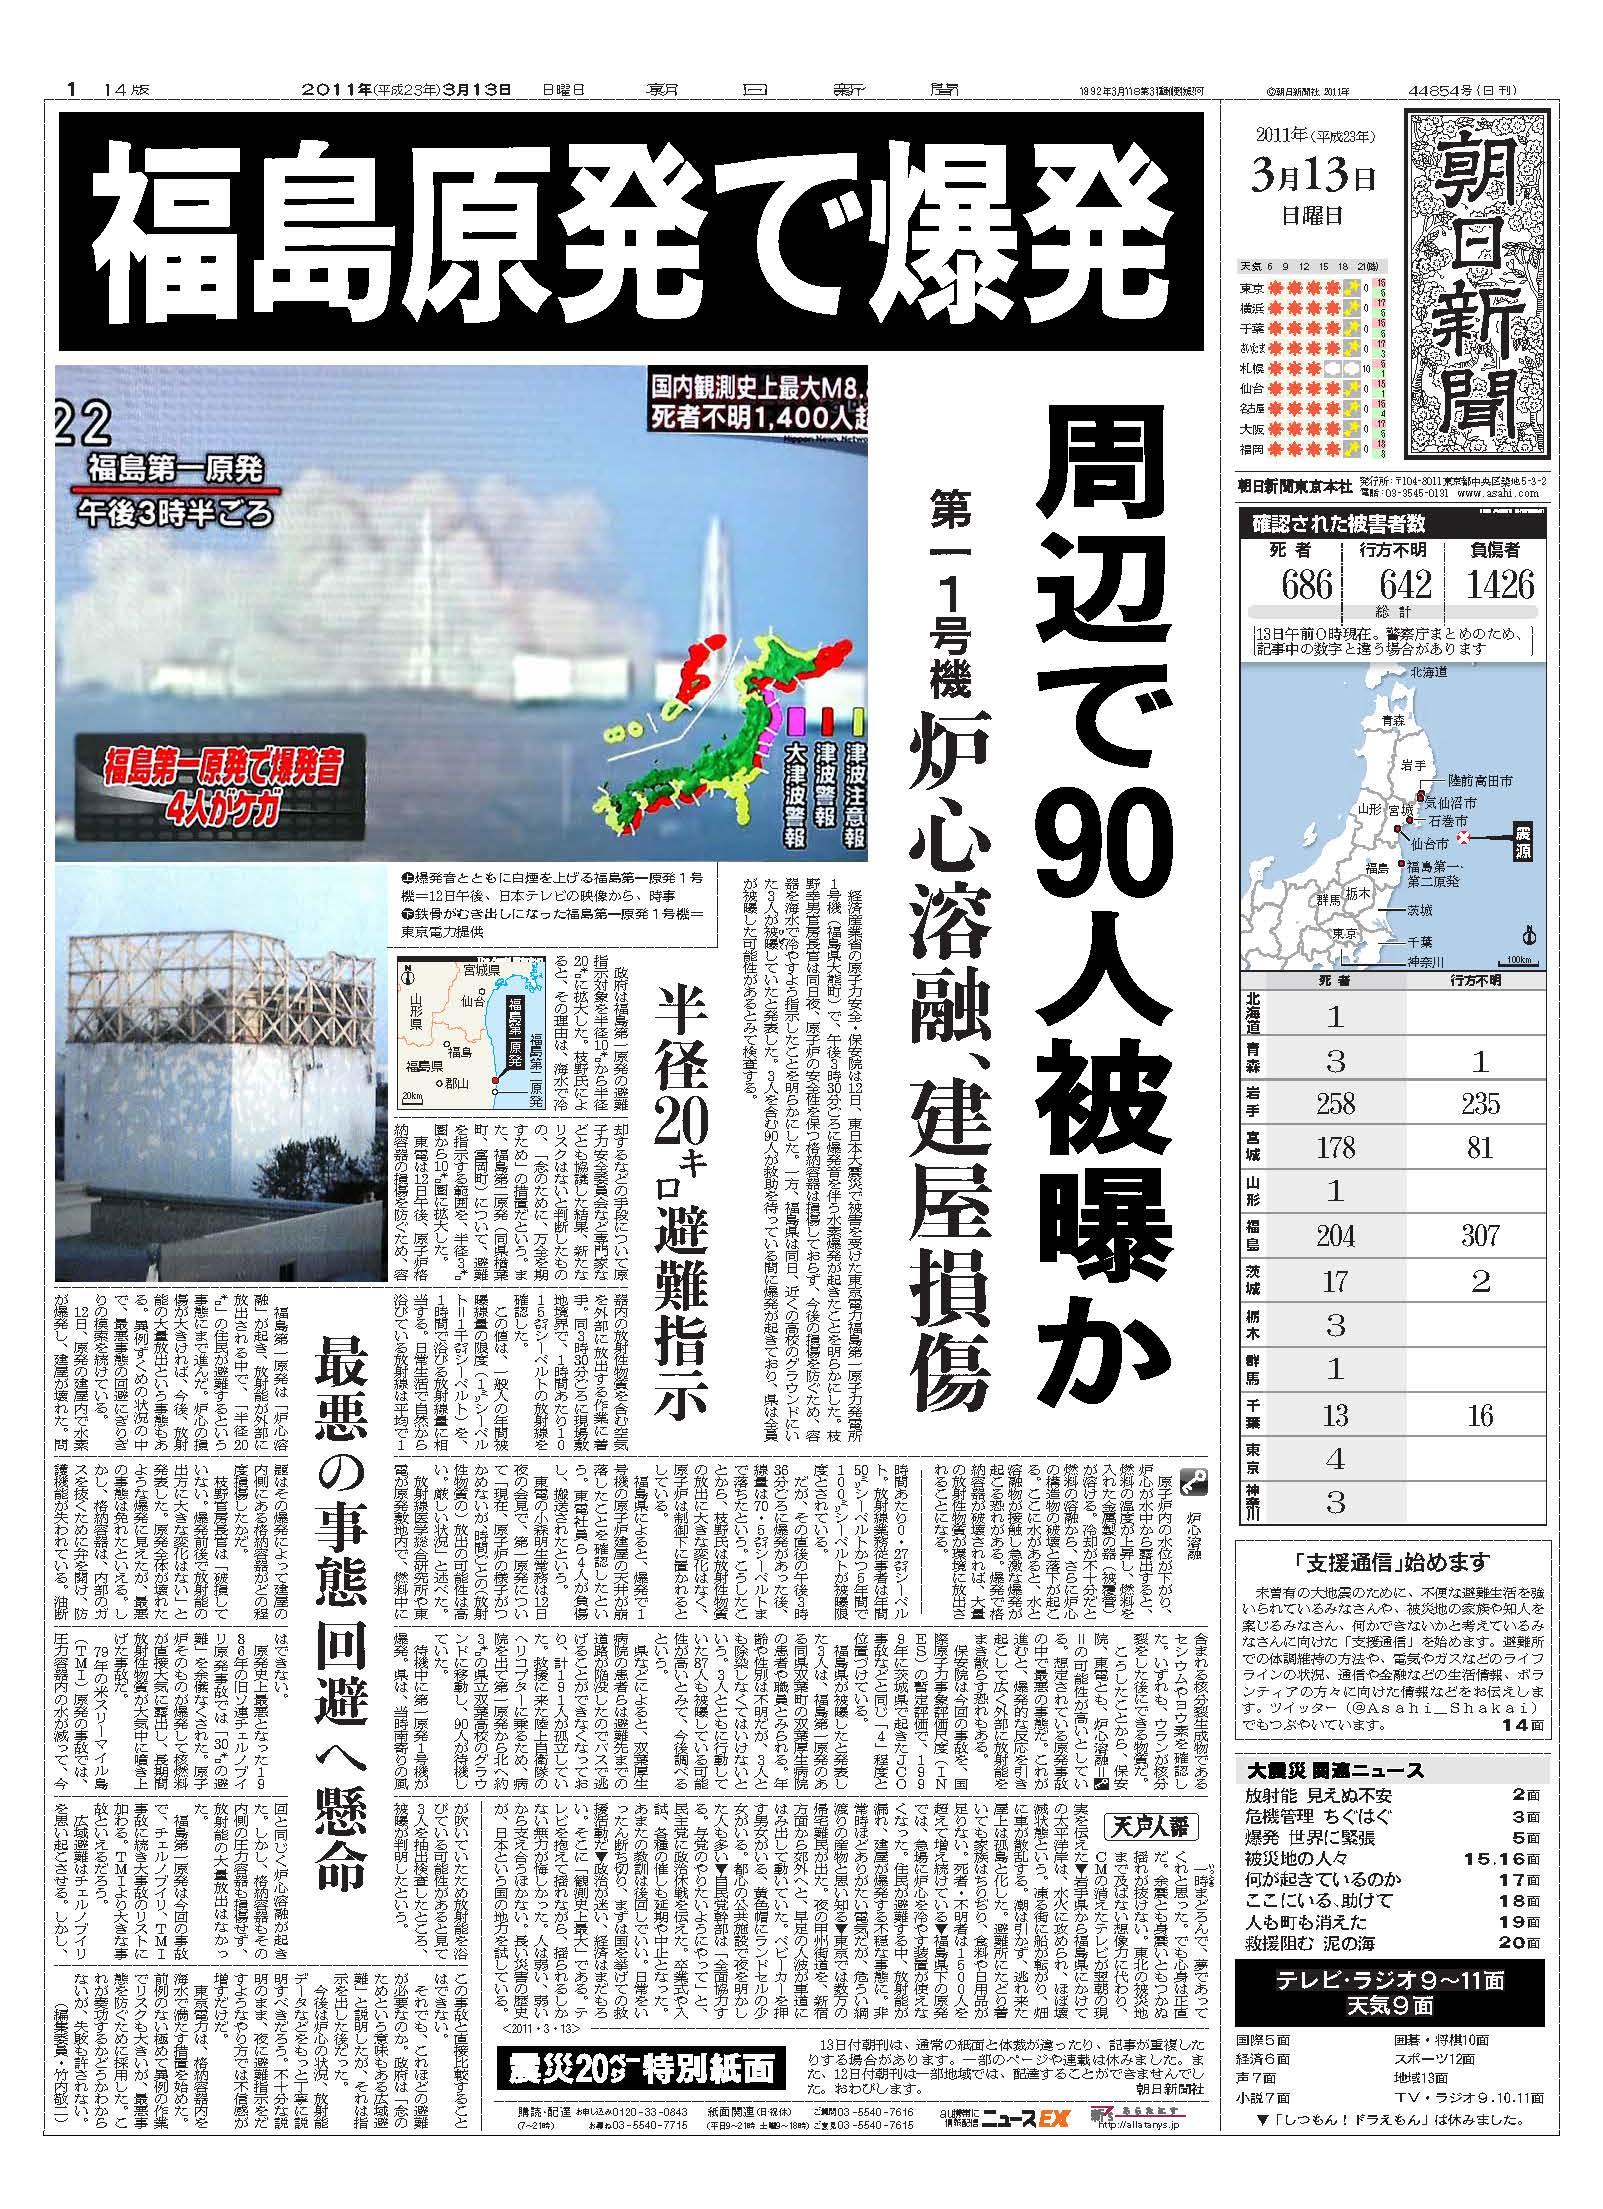 福島第一原発事故の現実と認識、その報道、それらのギャップ